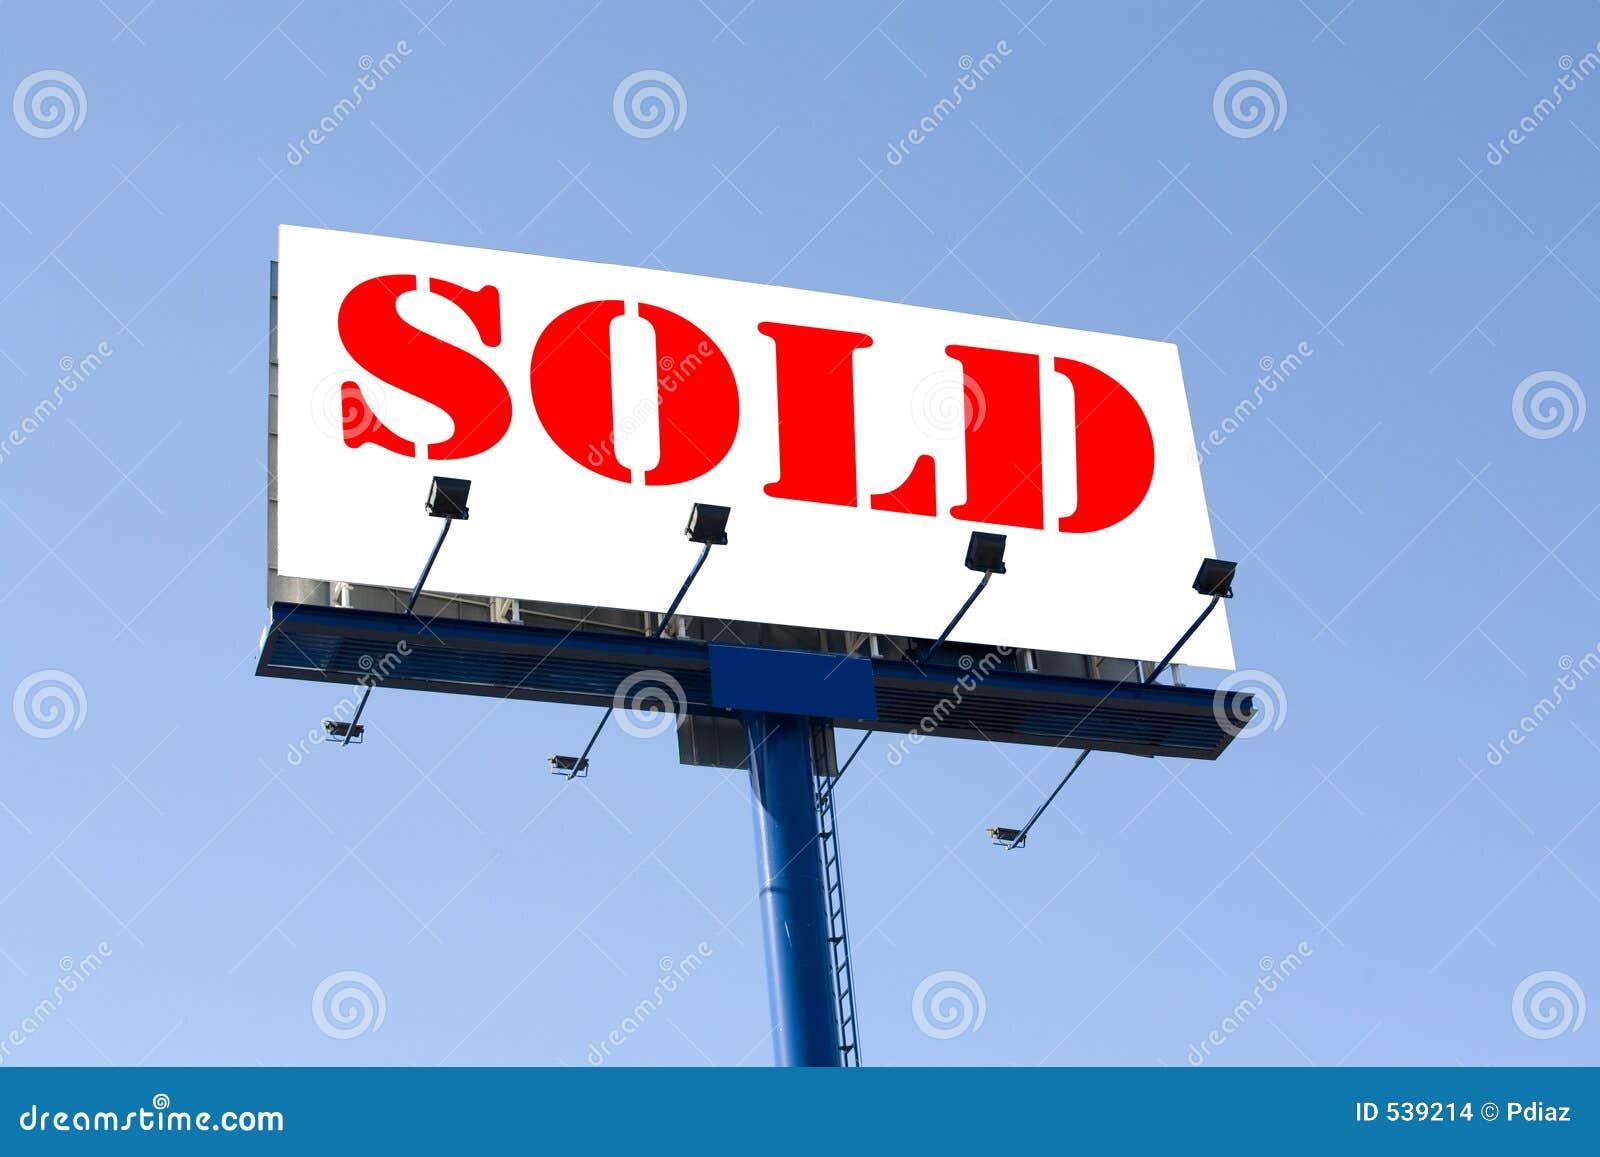 Download 广告牌 库存照片. 图片 包括有 市场, 会议室, 出售, 空白, 商业, 营销, 天空, 户外, 室外, 画布 - 539214